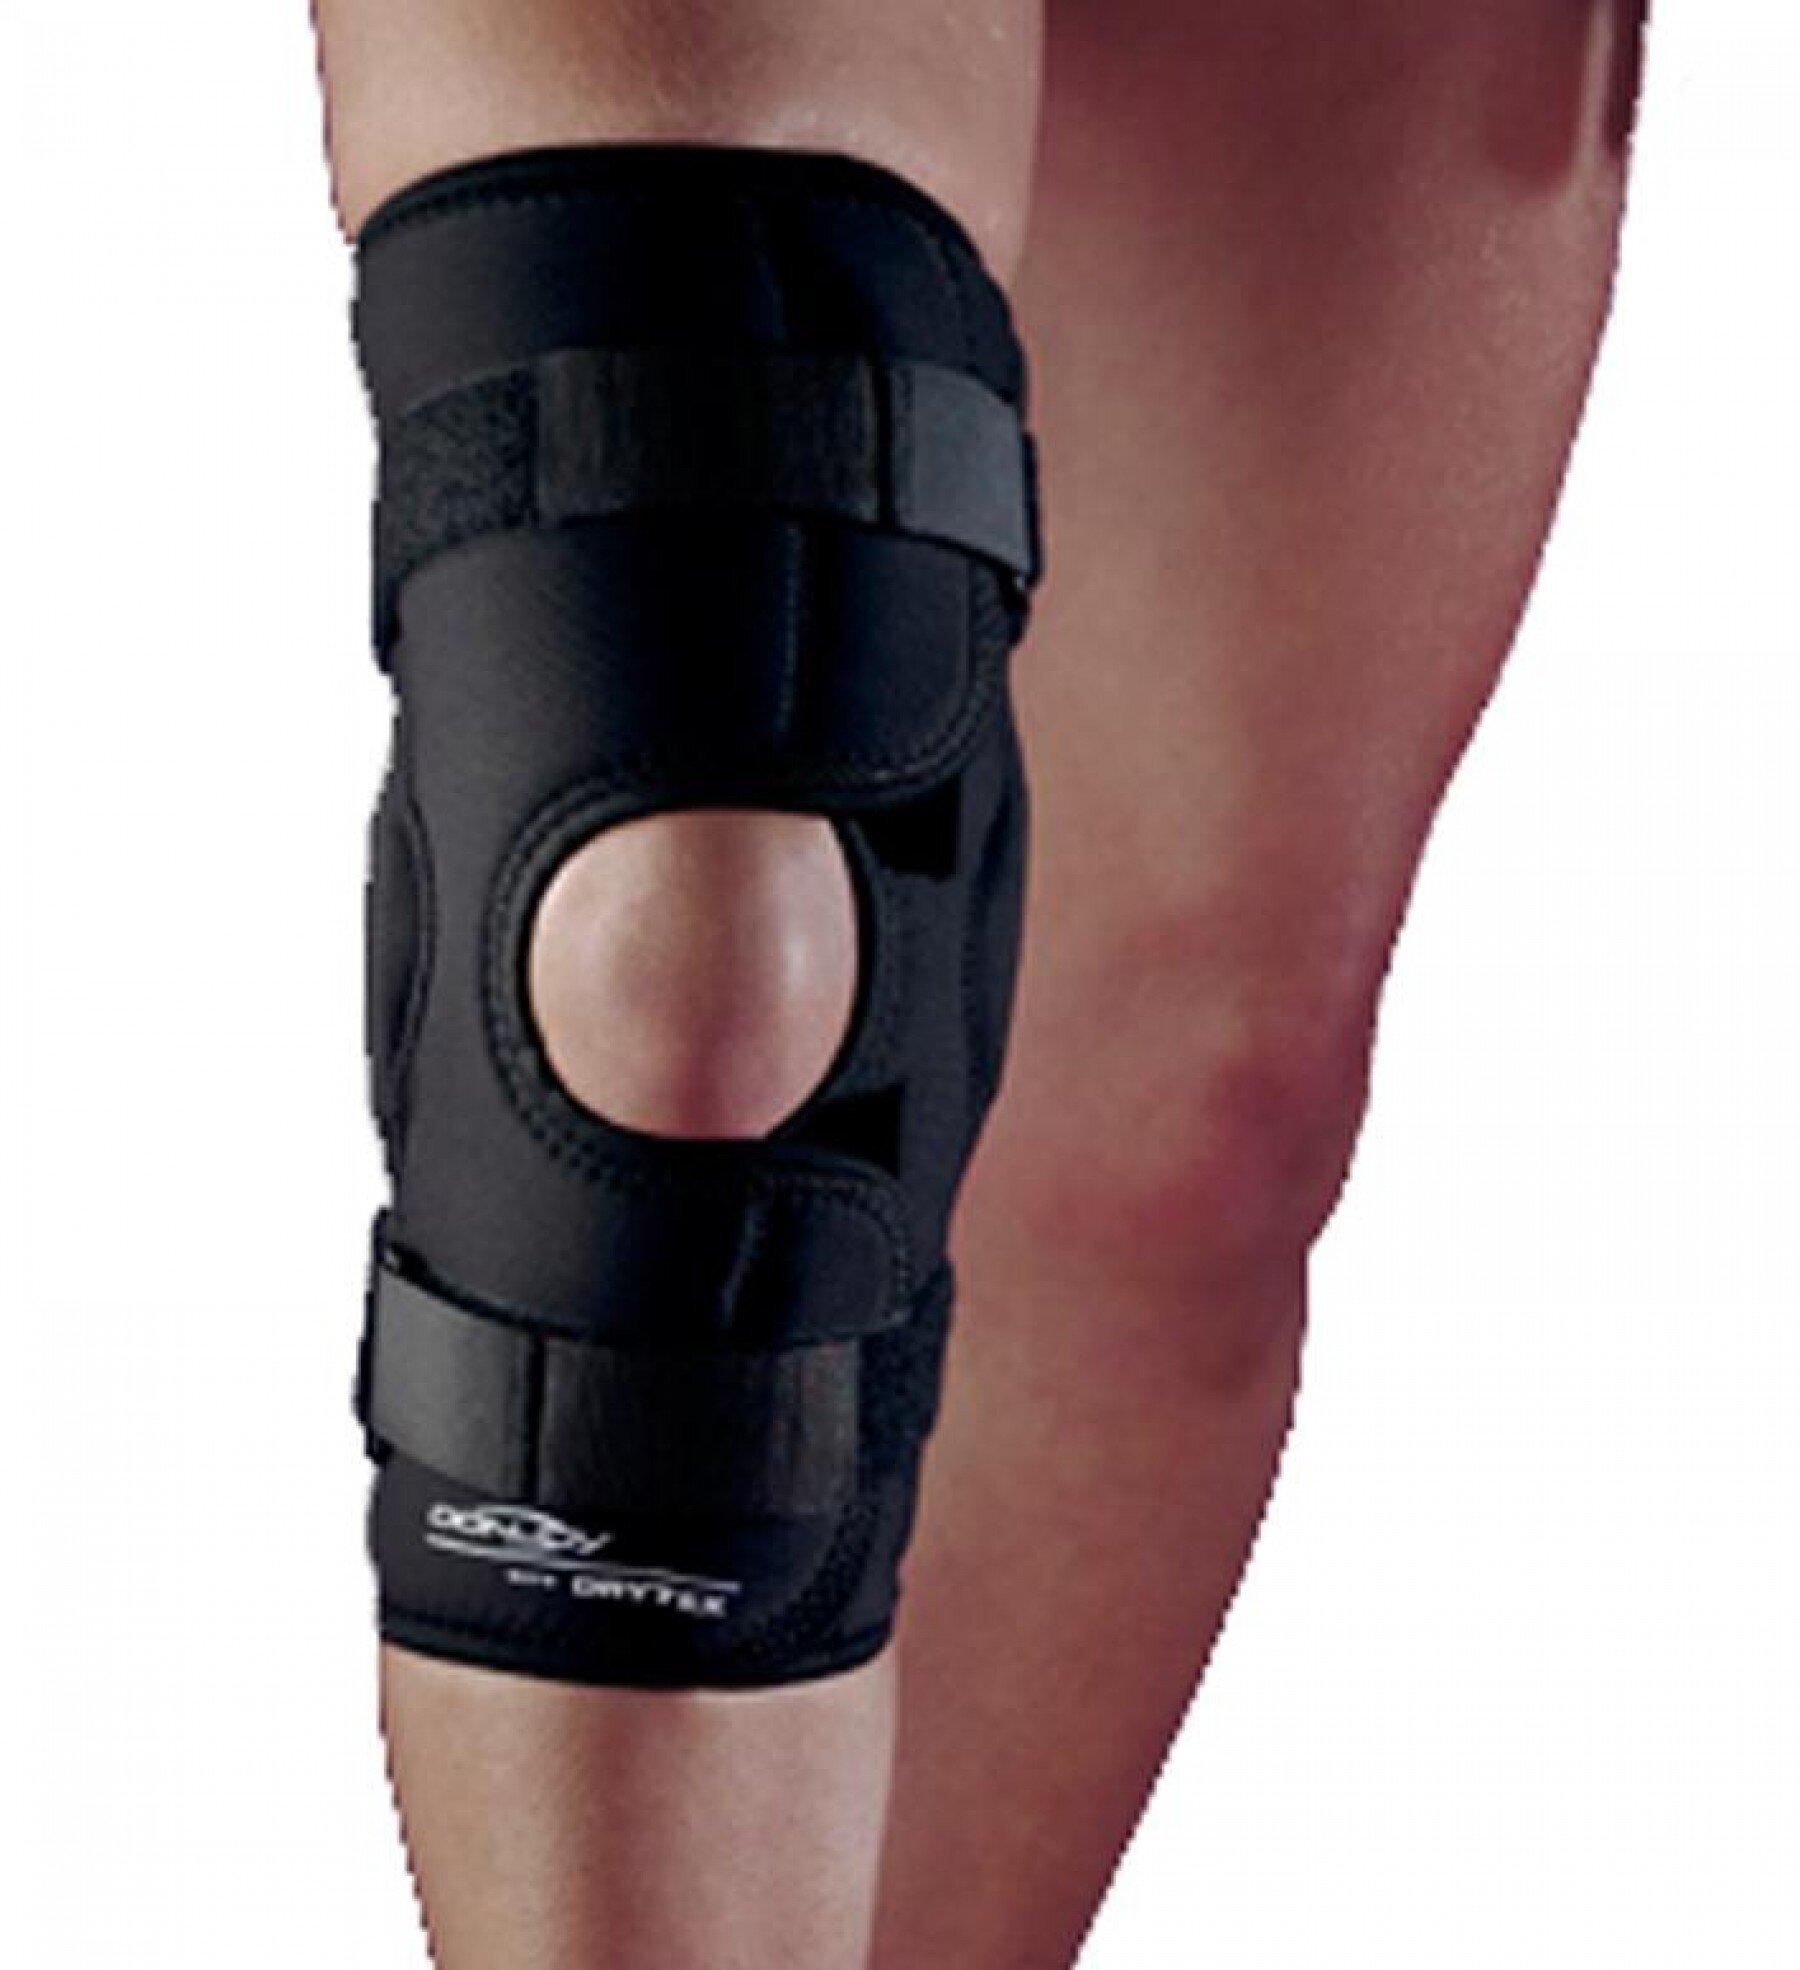 Drytex Sport Hinged Knee Sleeve